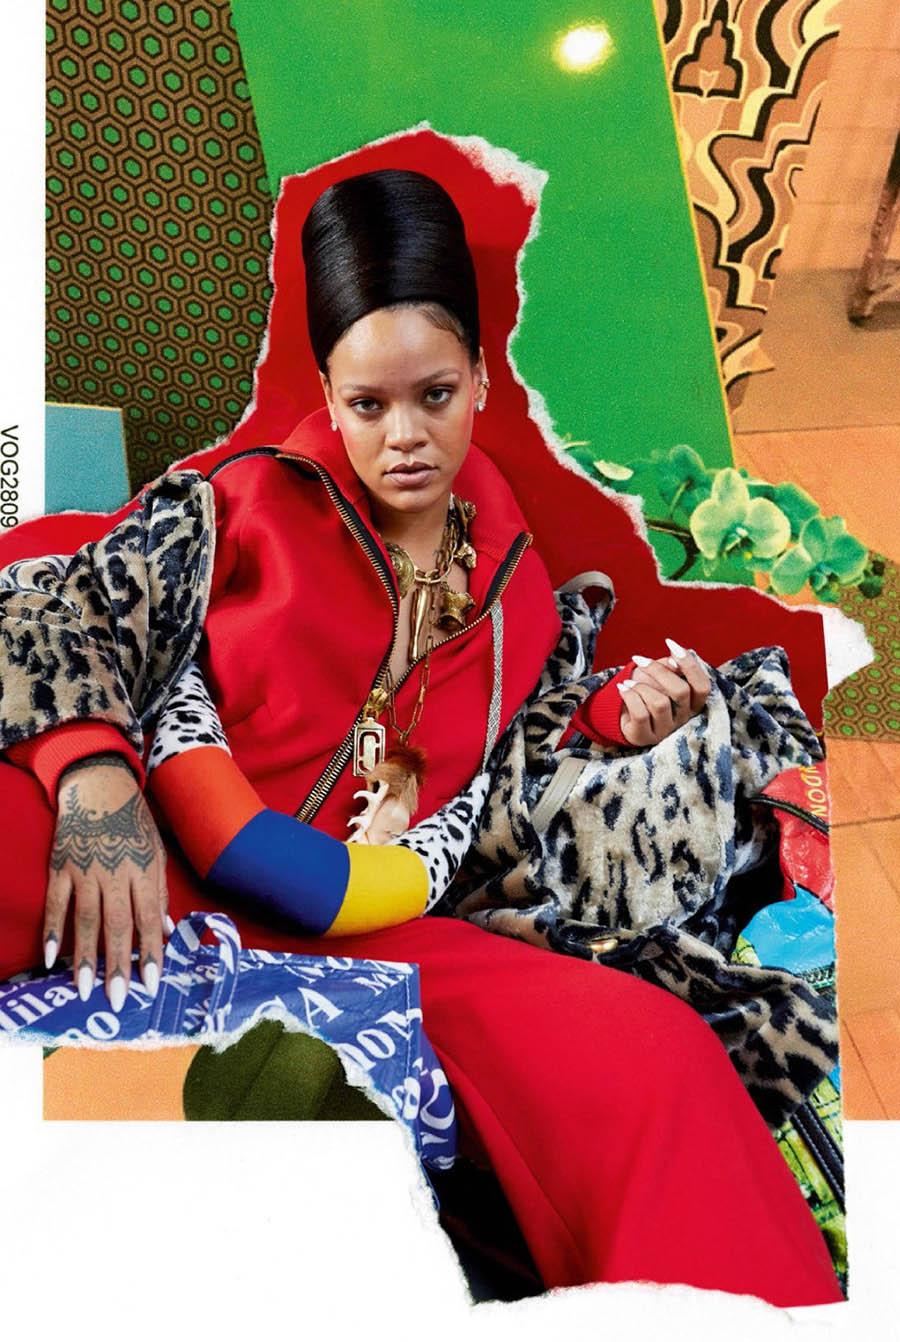 Rihanna covers Vogue Paris December 2017